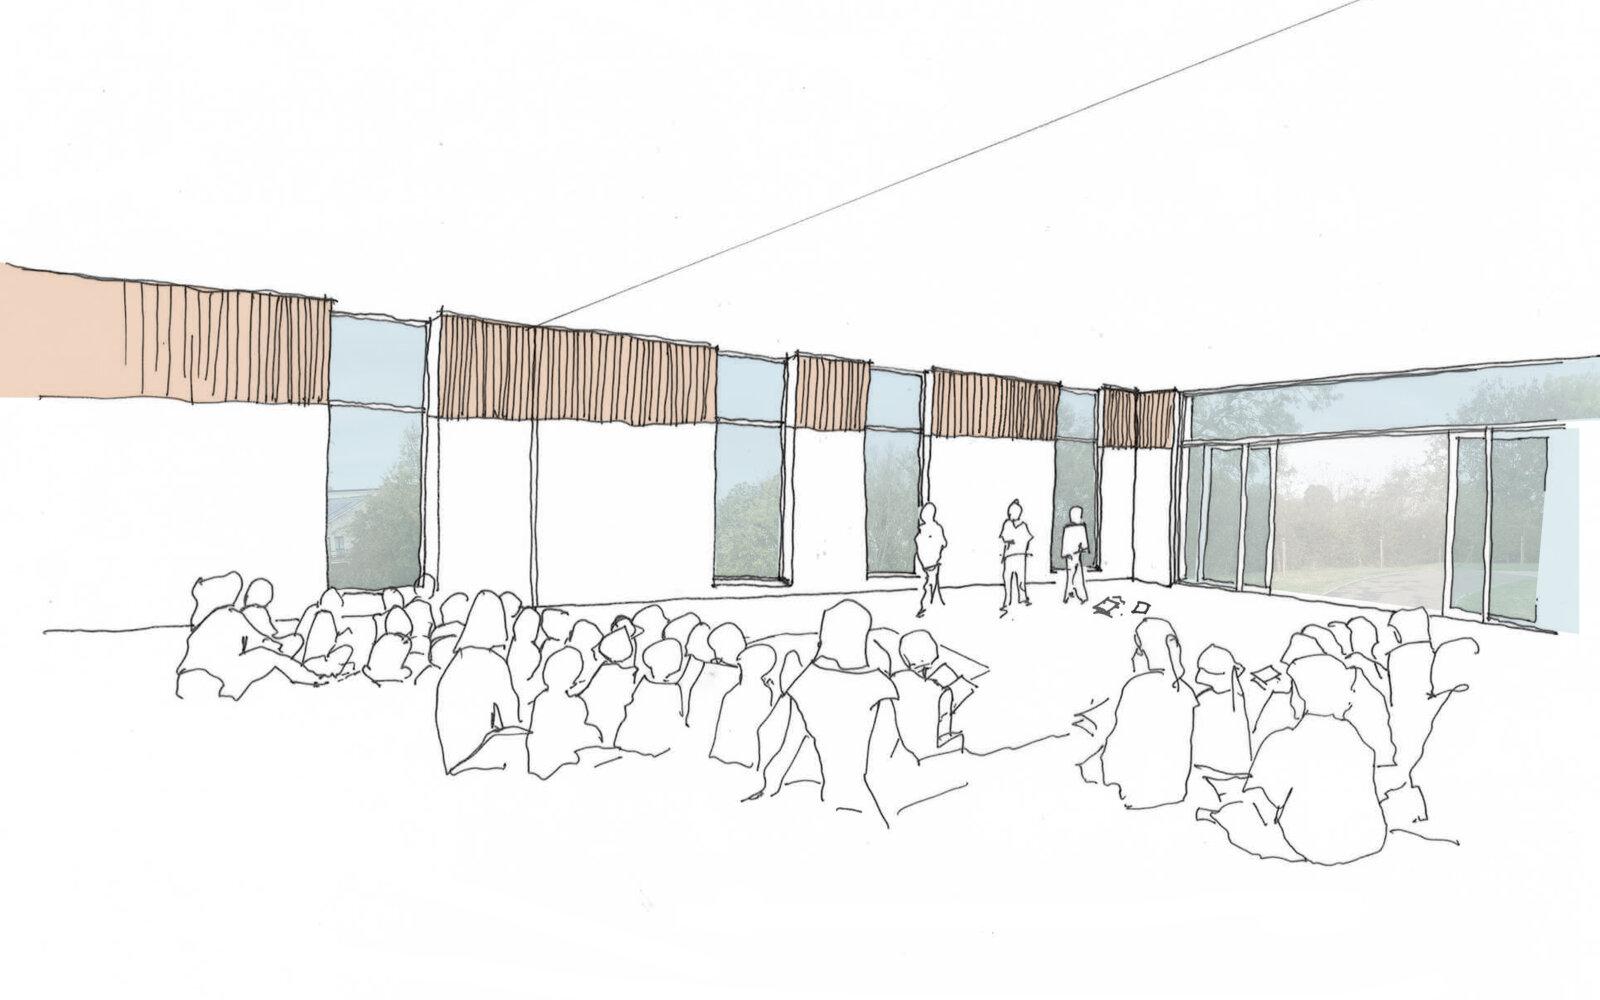 Elmsbrook Local Centre sketch